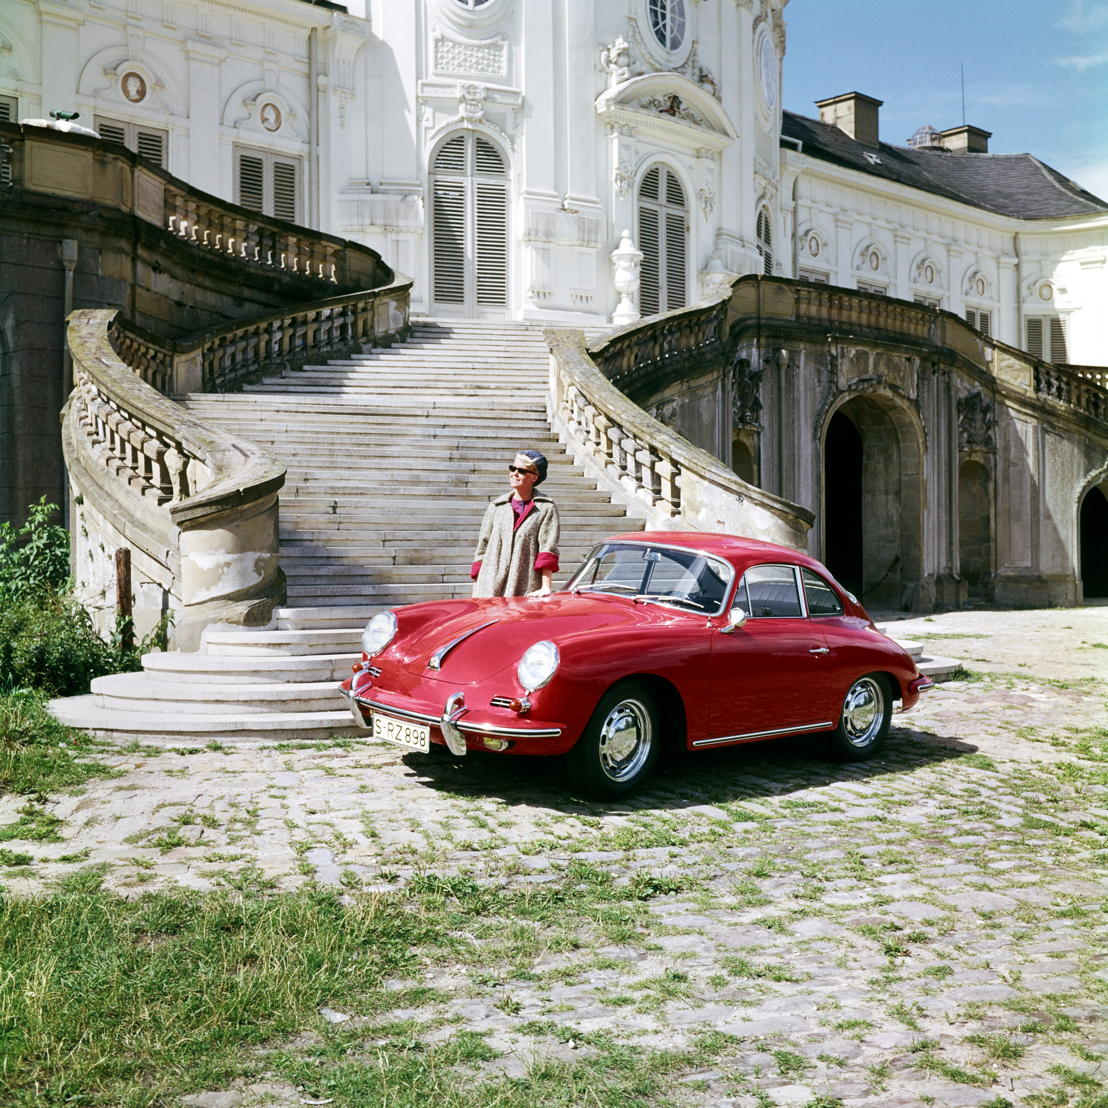 1963. El estand del Salón Internacional del Automóvil de Fráncfort también presenta la nueva serie de modelos Porsche 356 C